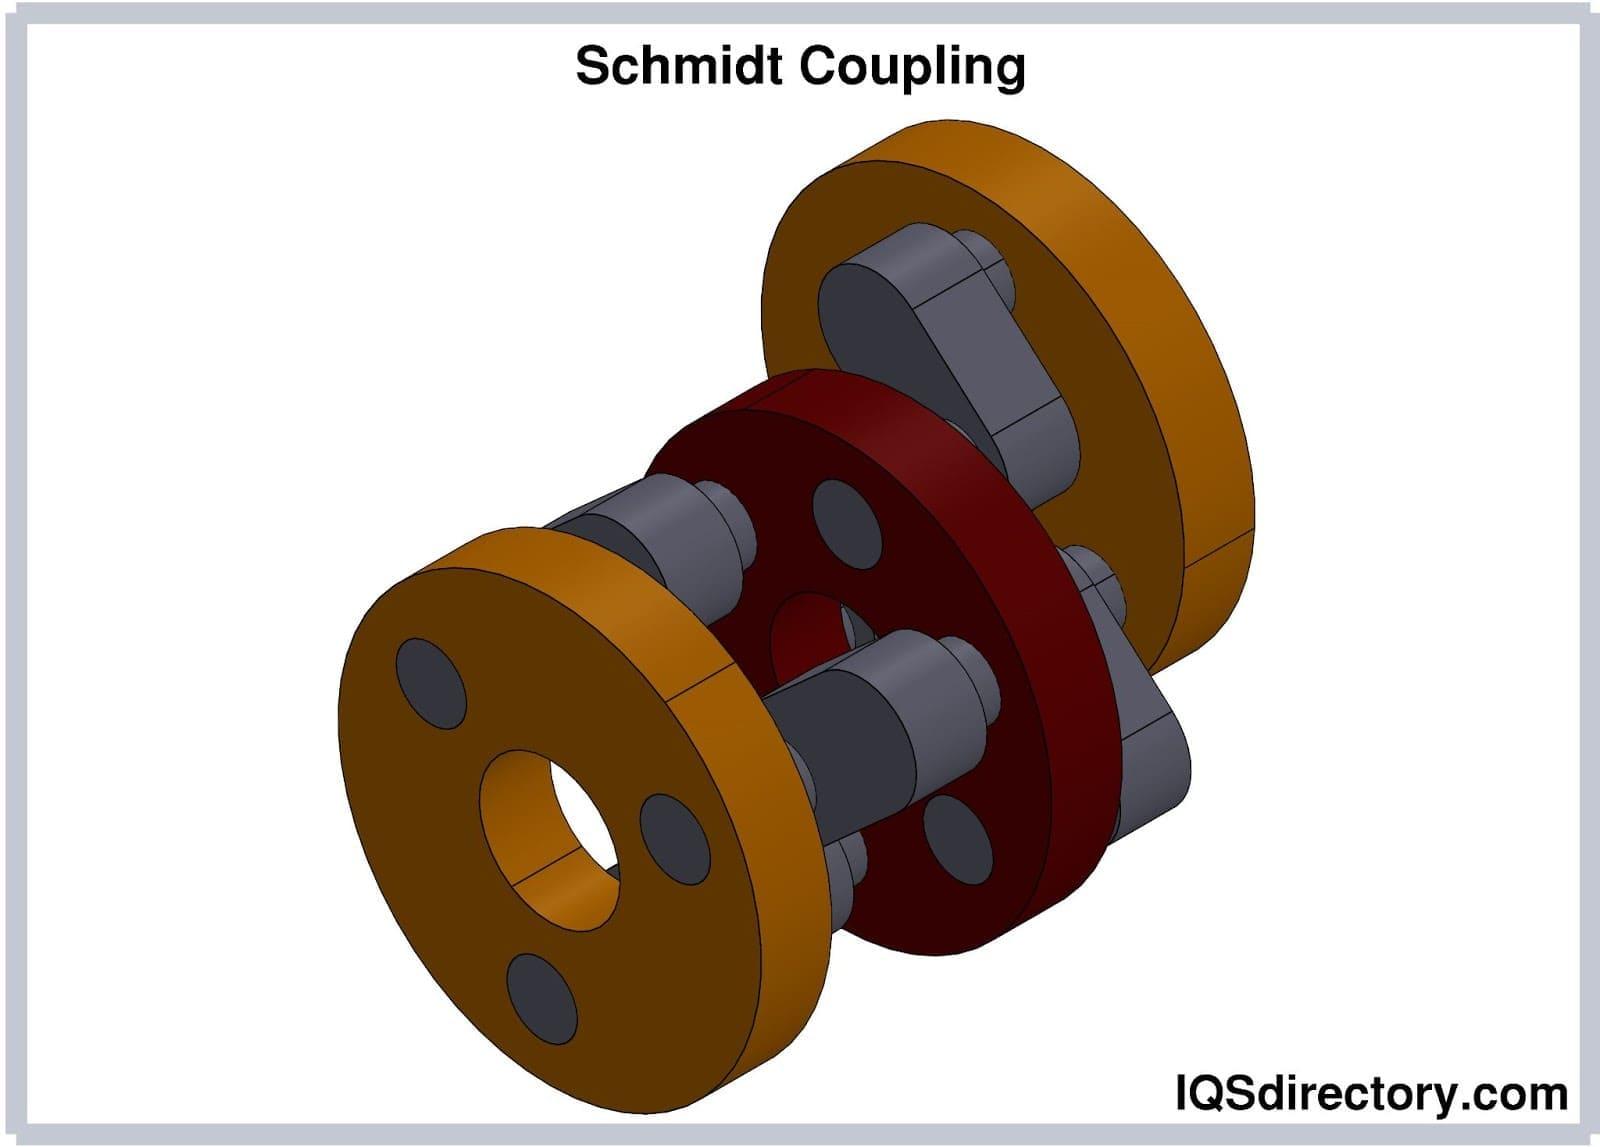 Schmidt Coupling